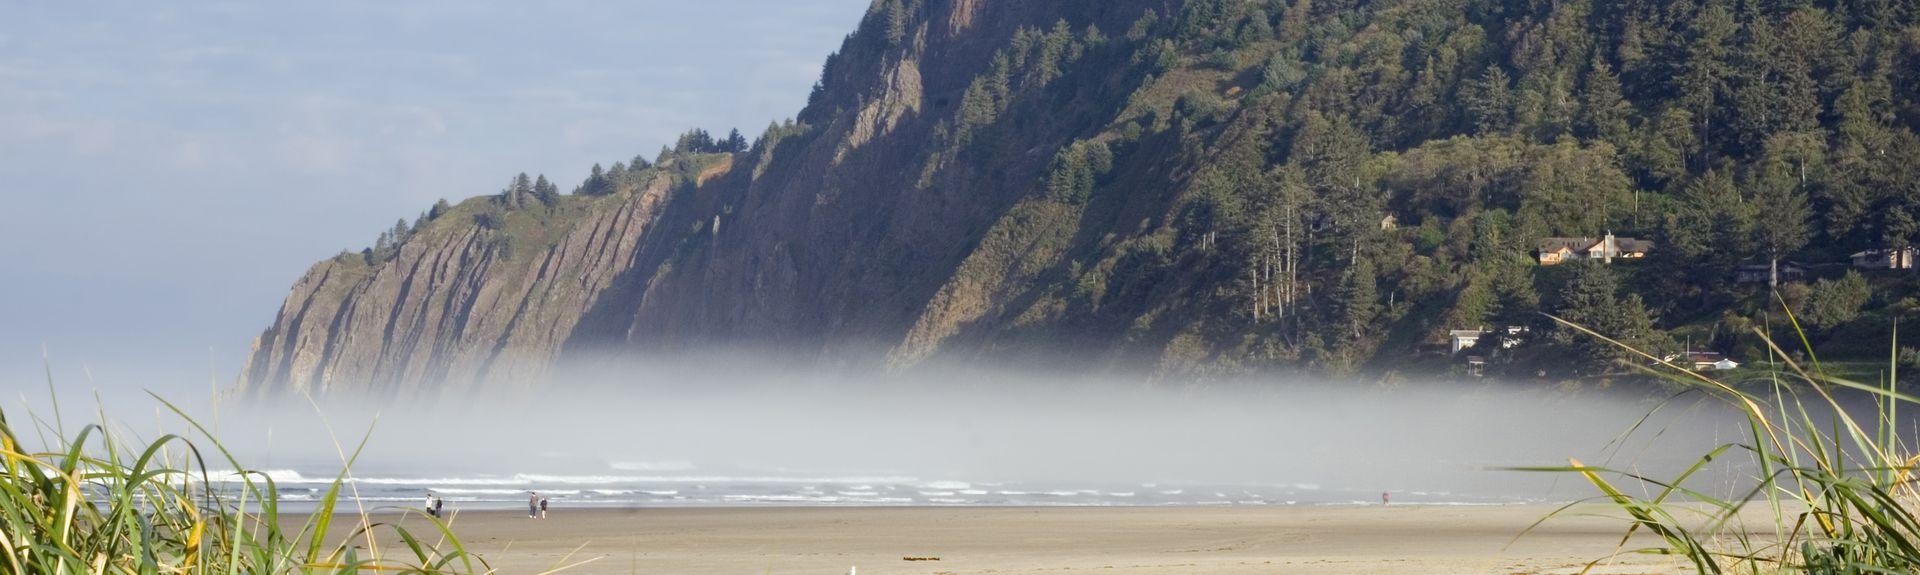 Manzanita, Oregon, Vereinigte Staaten